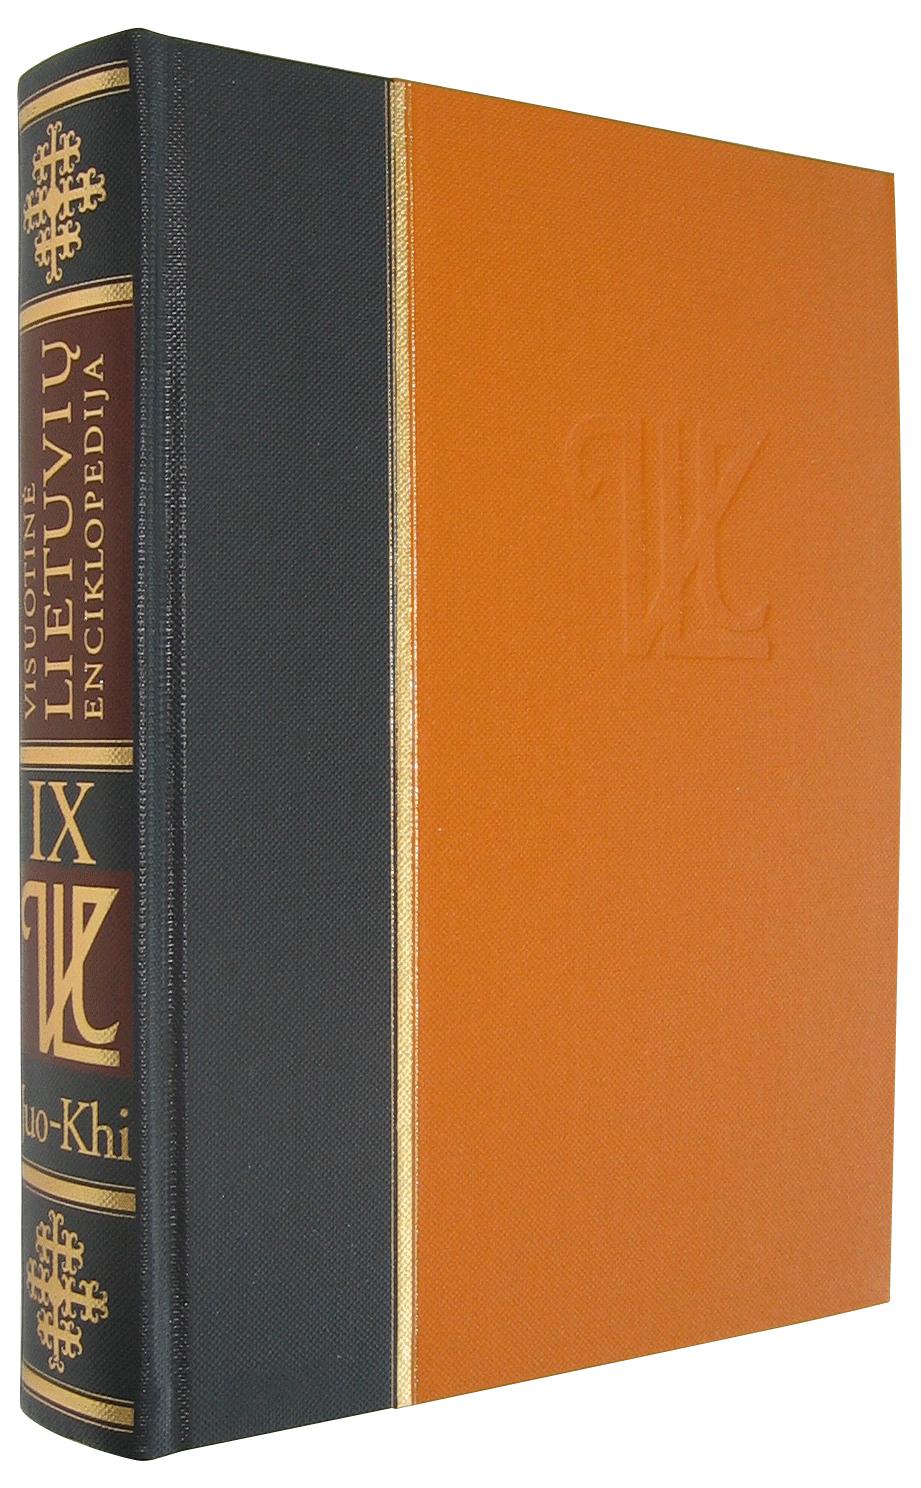 Visuotinė Lietuvių enciklopedija T9